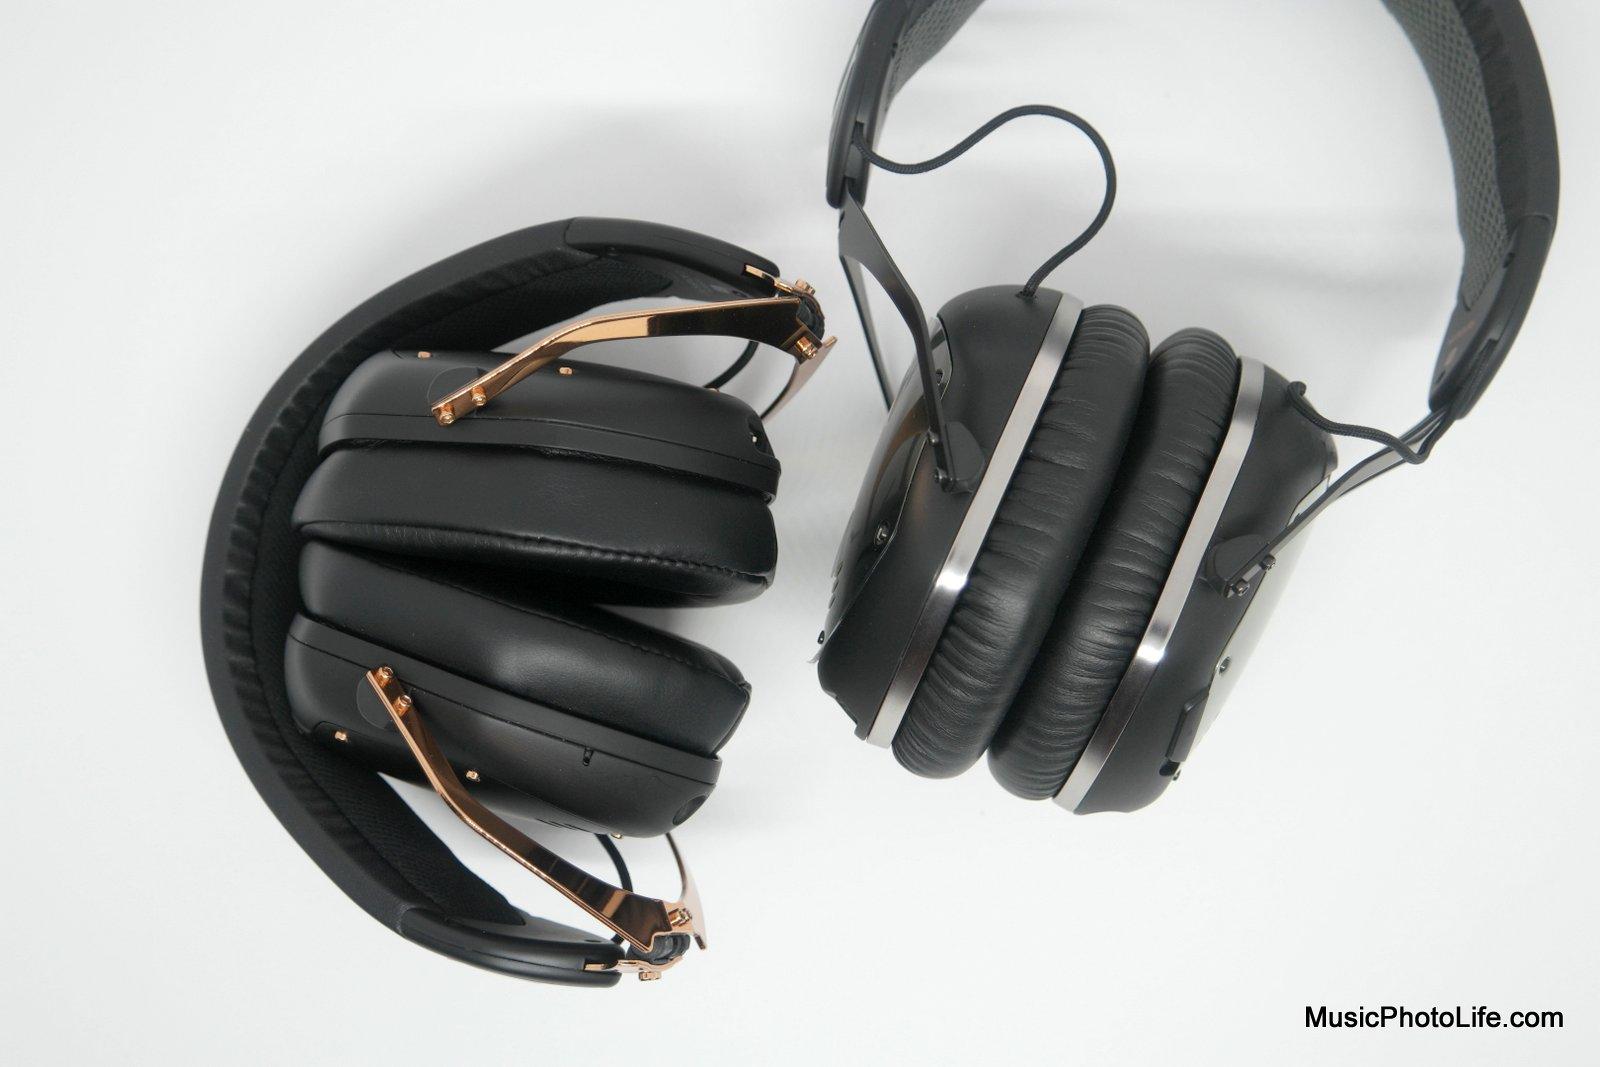 V-MODA Crossfade 2 Wireless review by Chester Tan musicphotolife.com